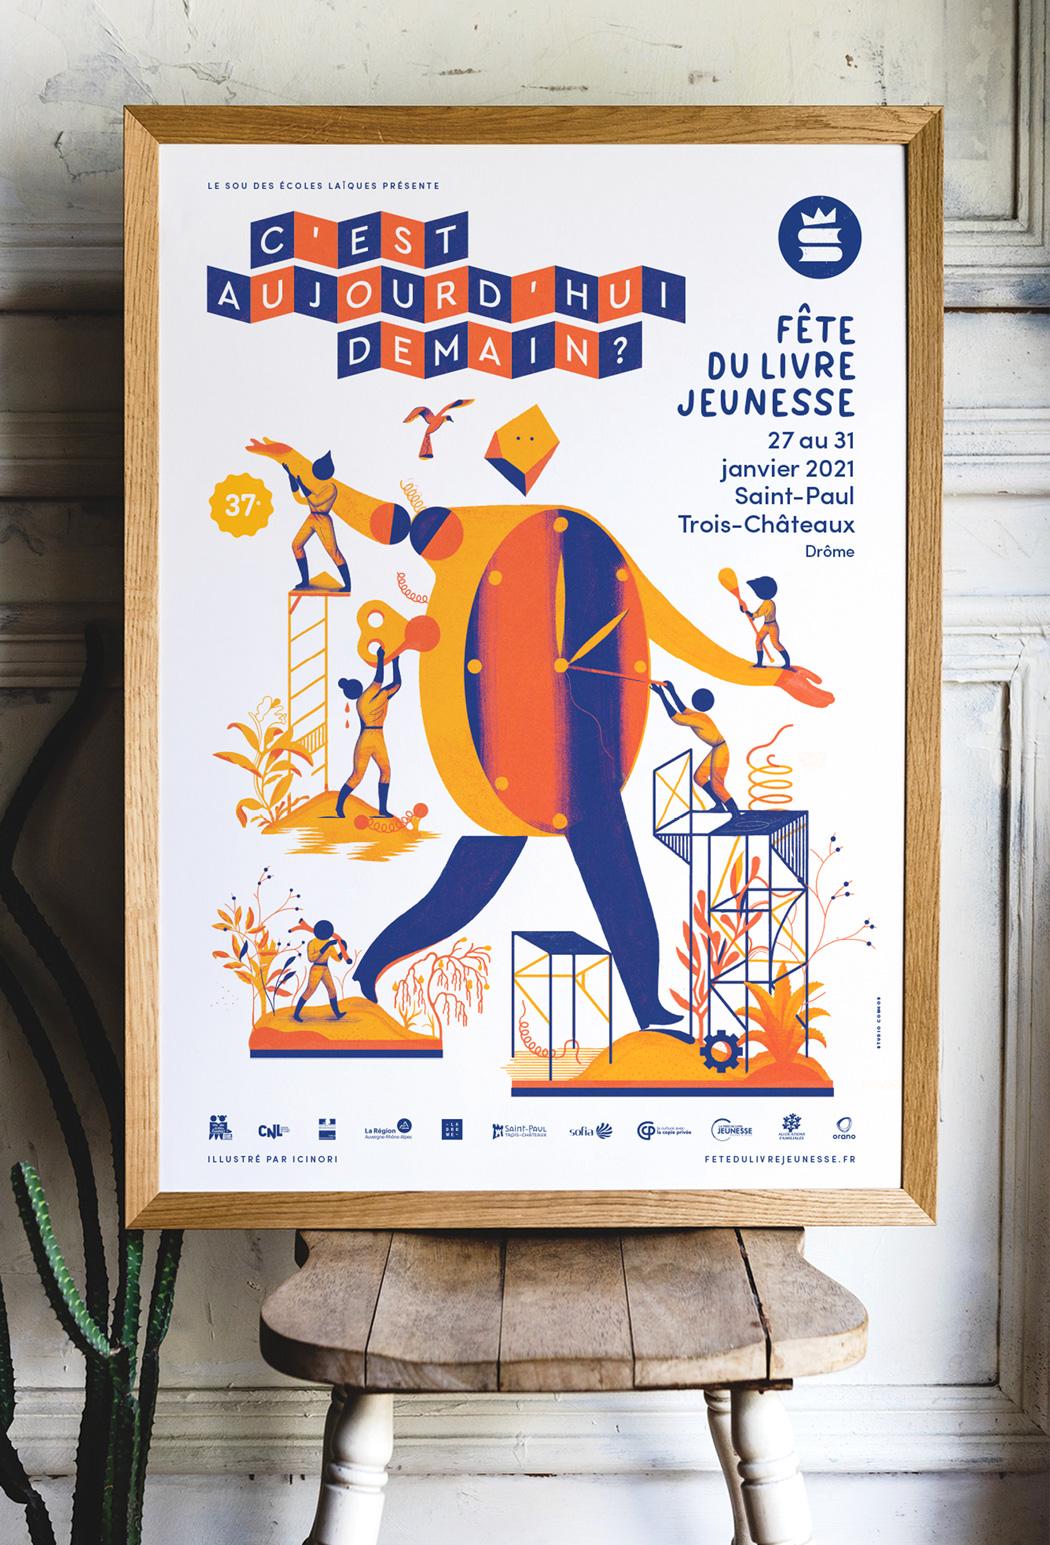 Fete-du-livre-jeunesse_affiche-2021©-Studio-Cosmos